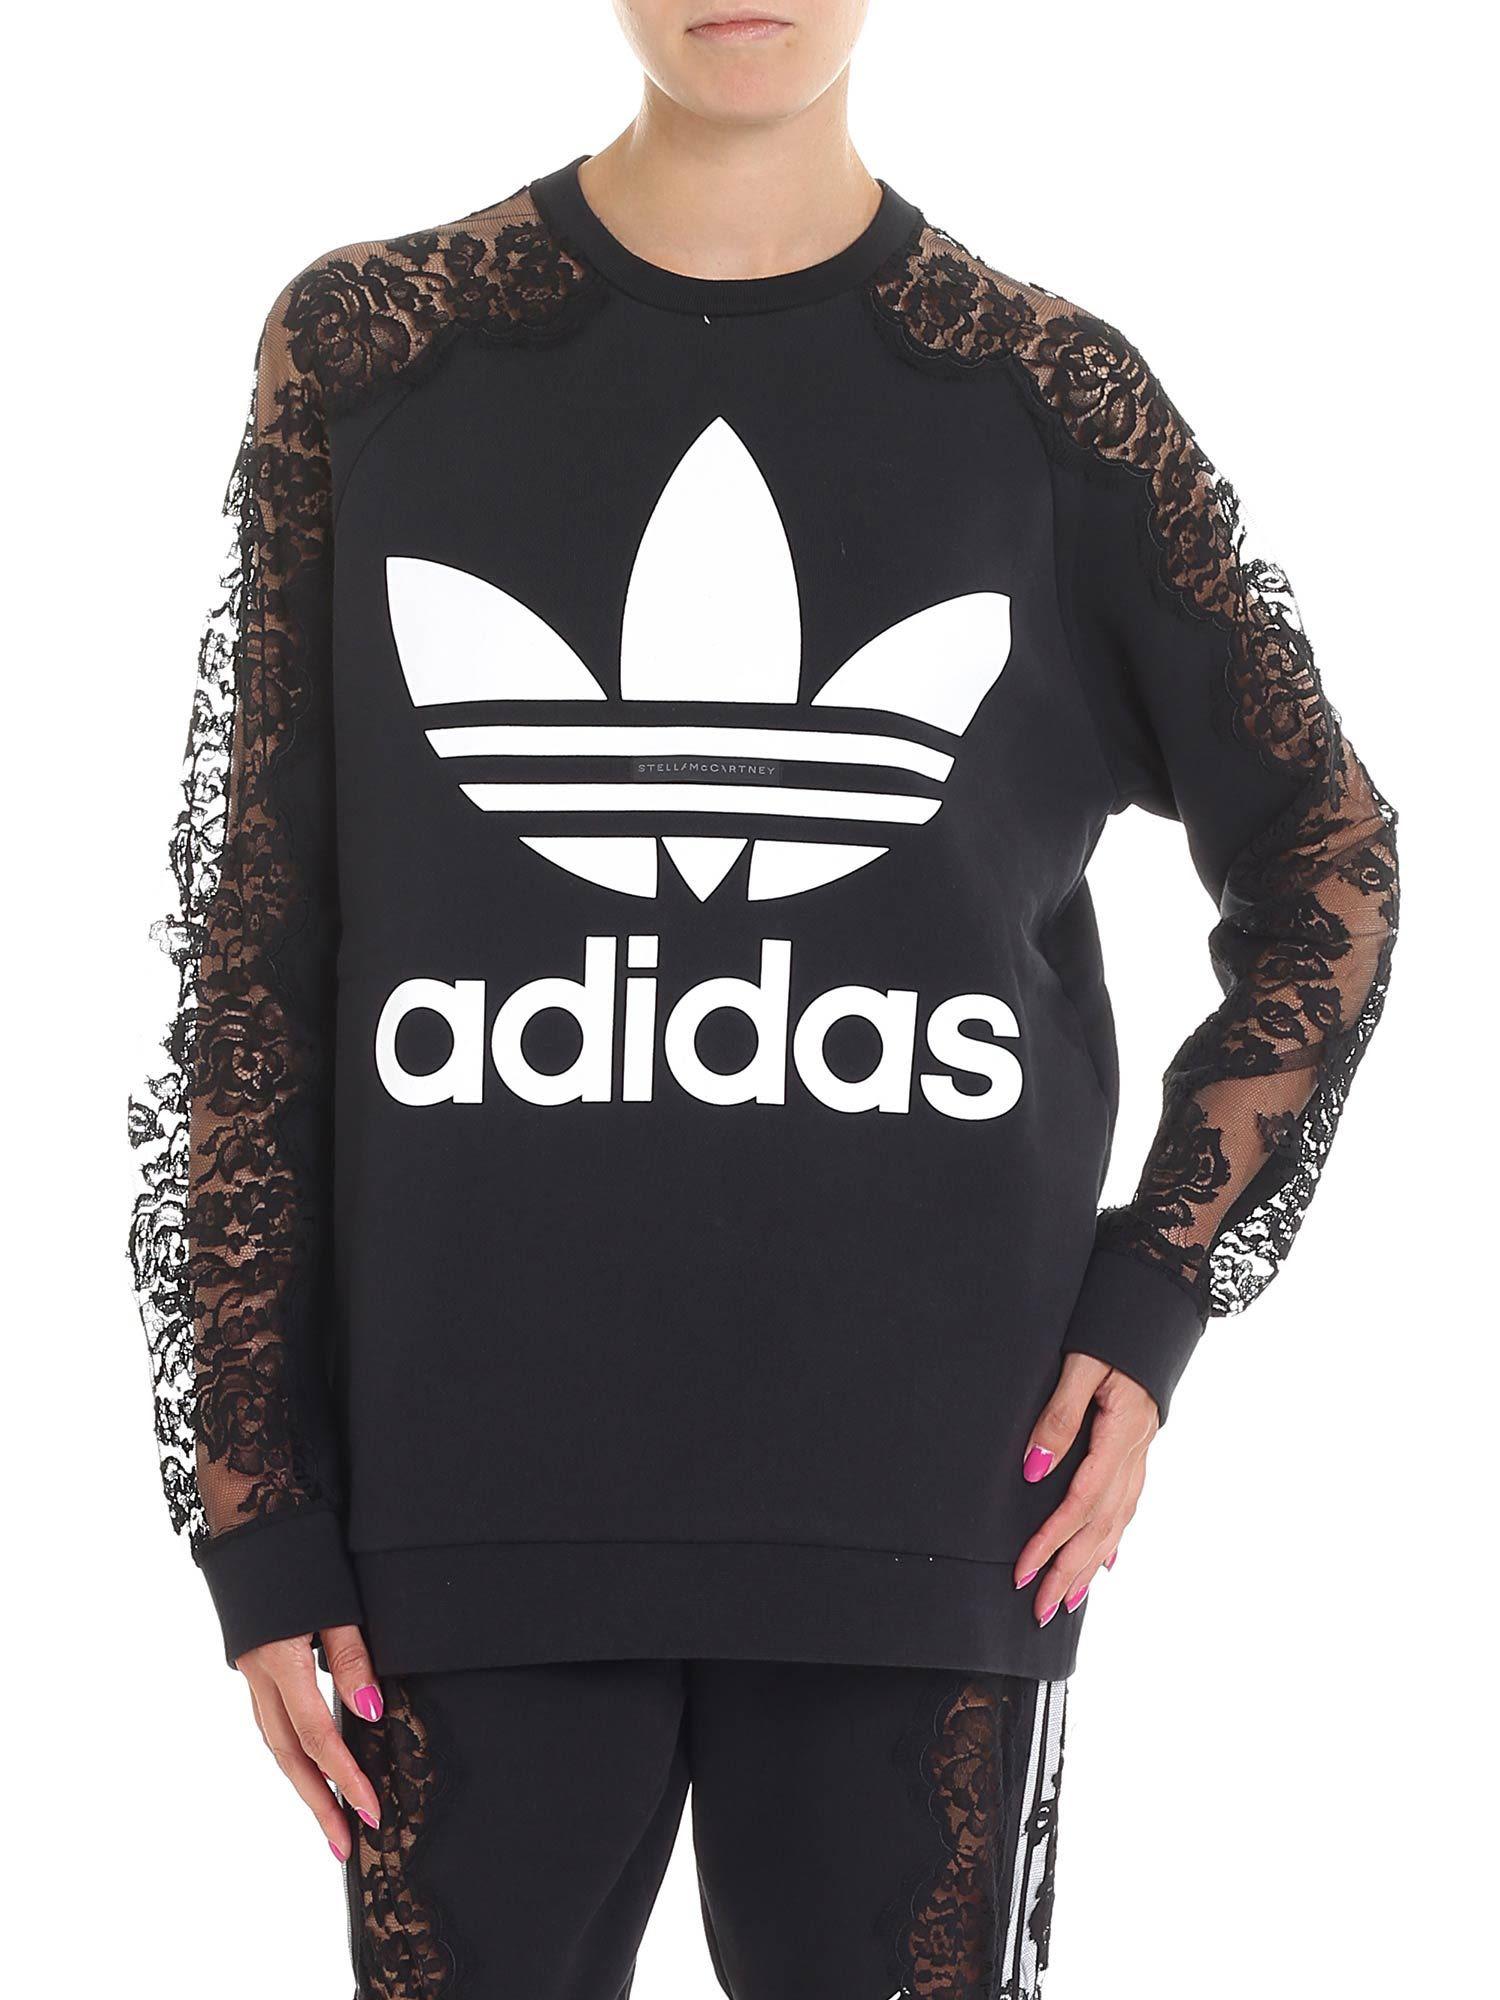 Stella McCartney Adidas Logo Sweatshirt